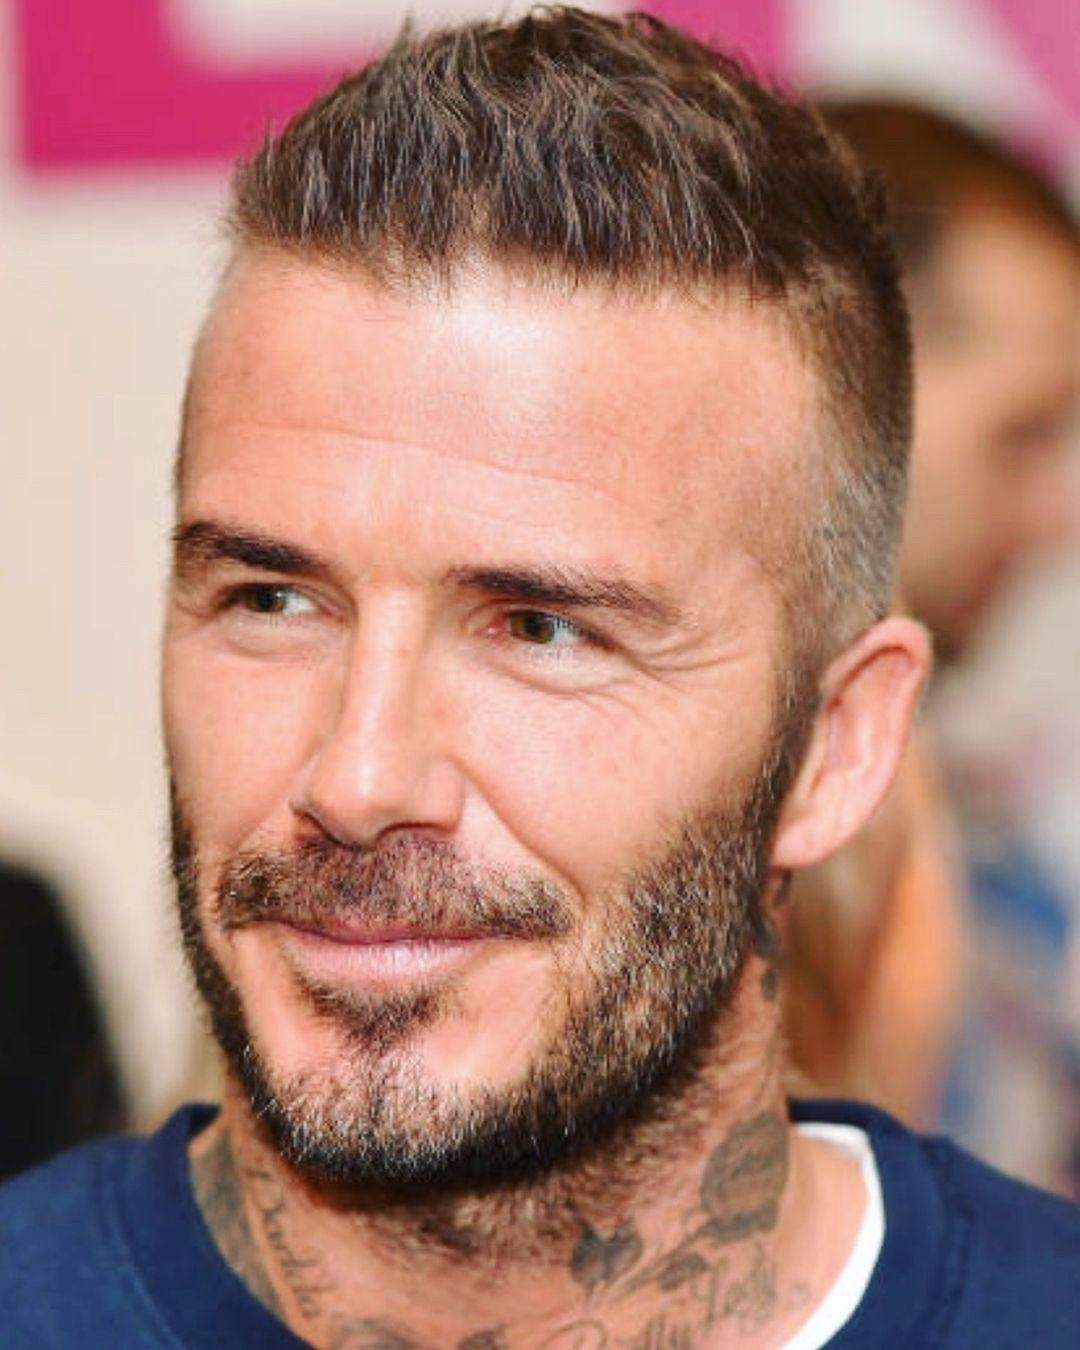 How To Get The New David Beckham Haircut Hairstyles In Beckham Haircut David Beckham Haircut David Beckham Beard